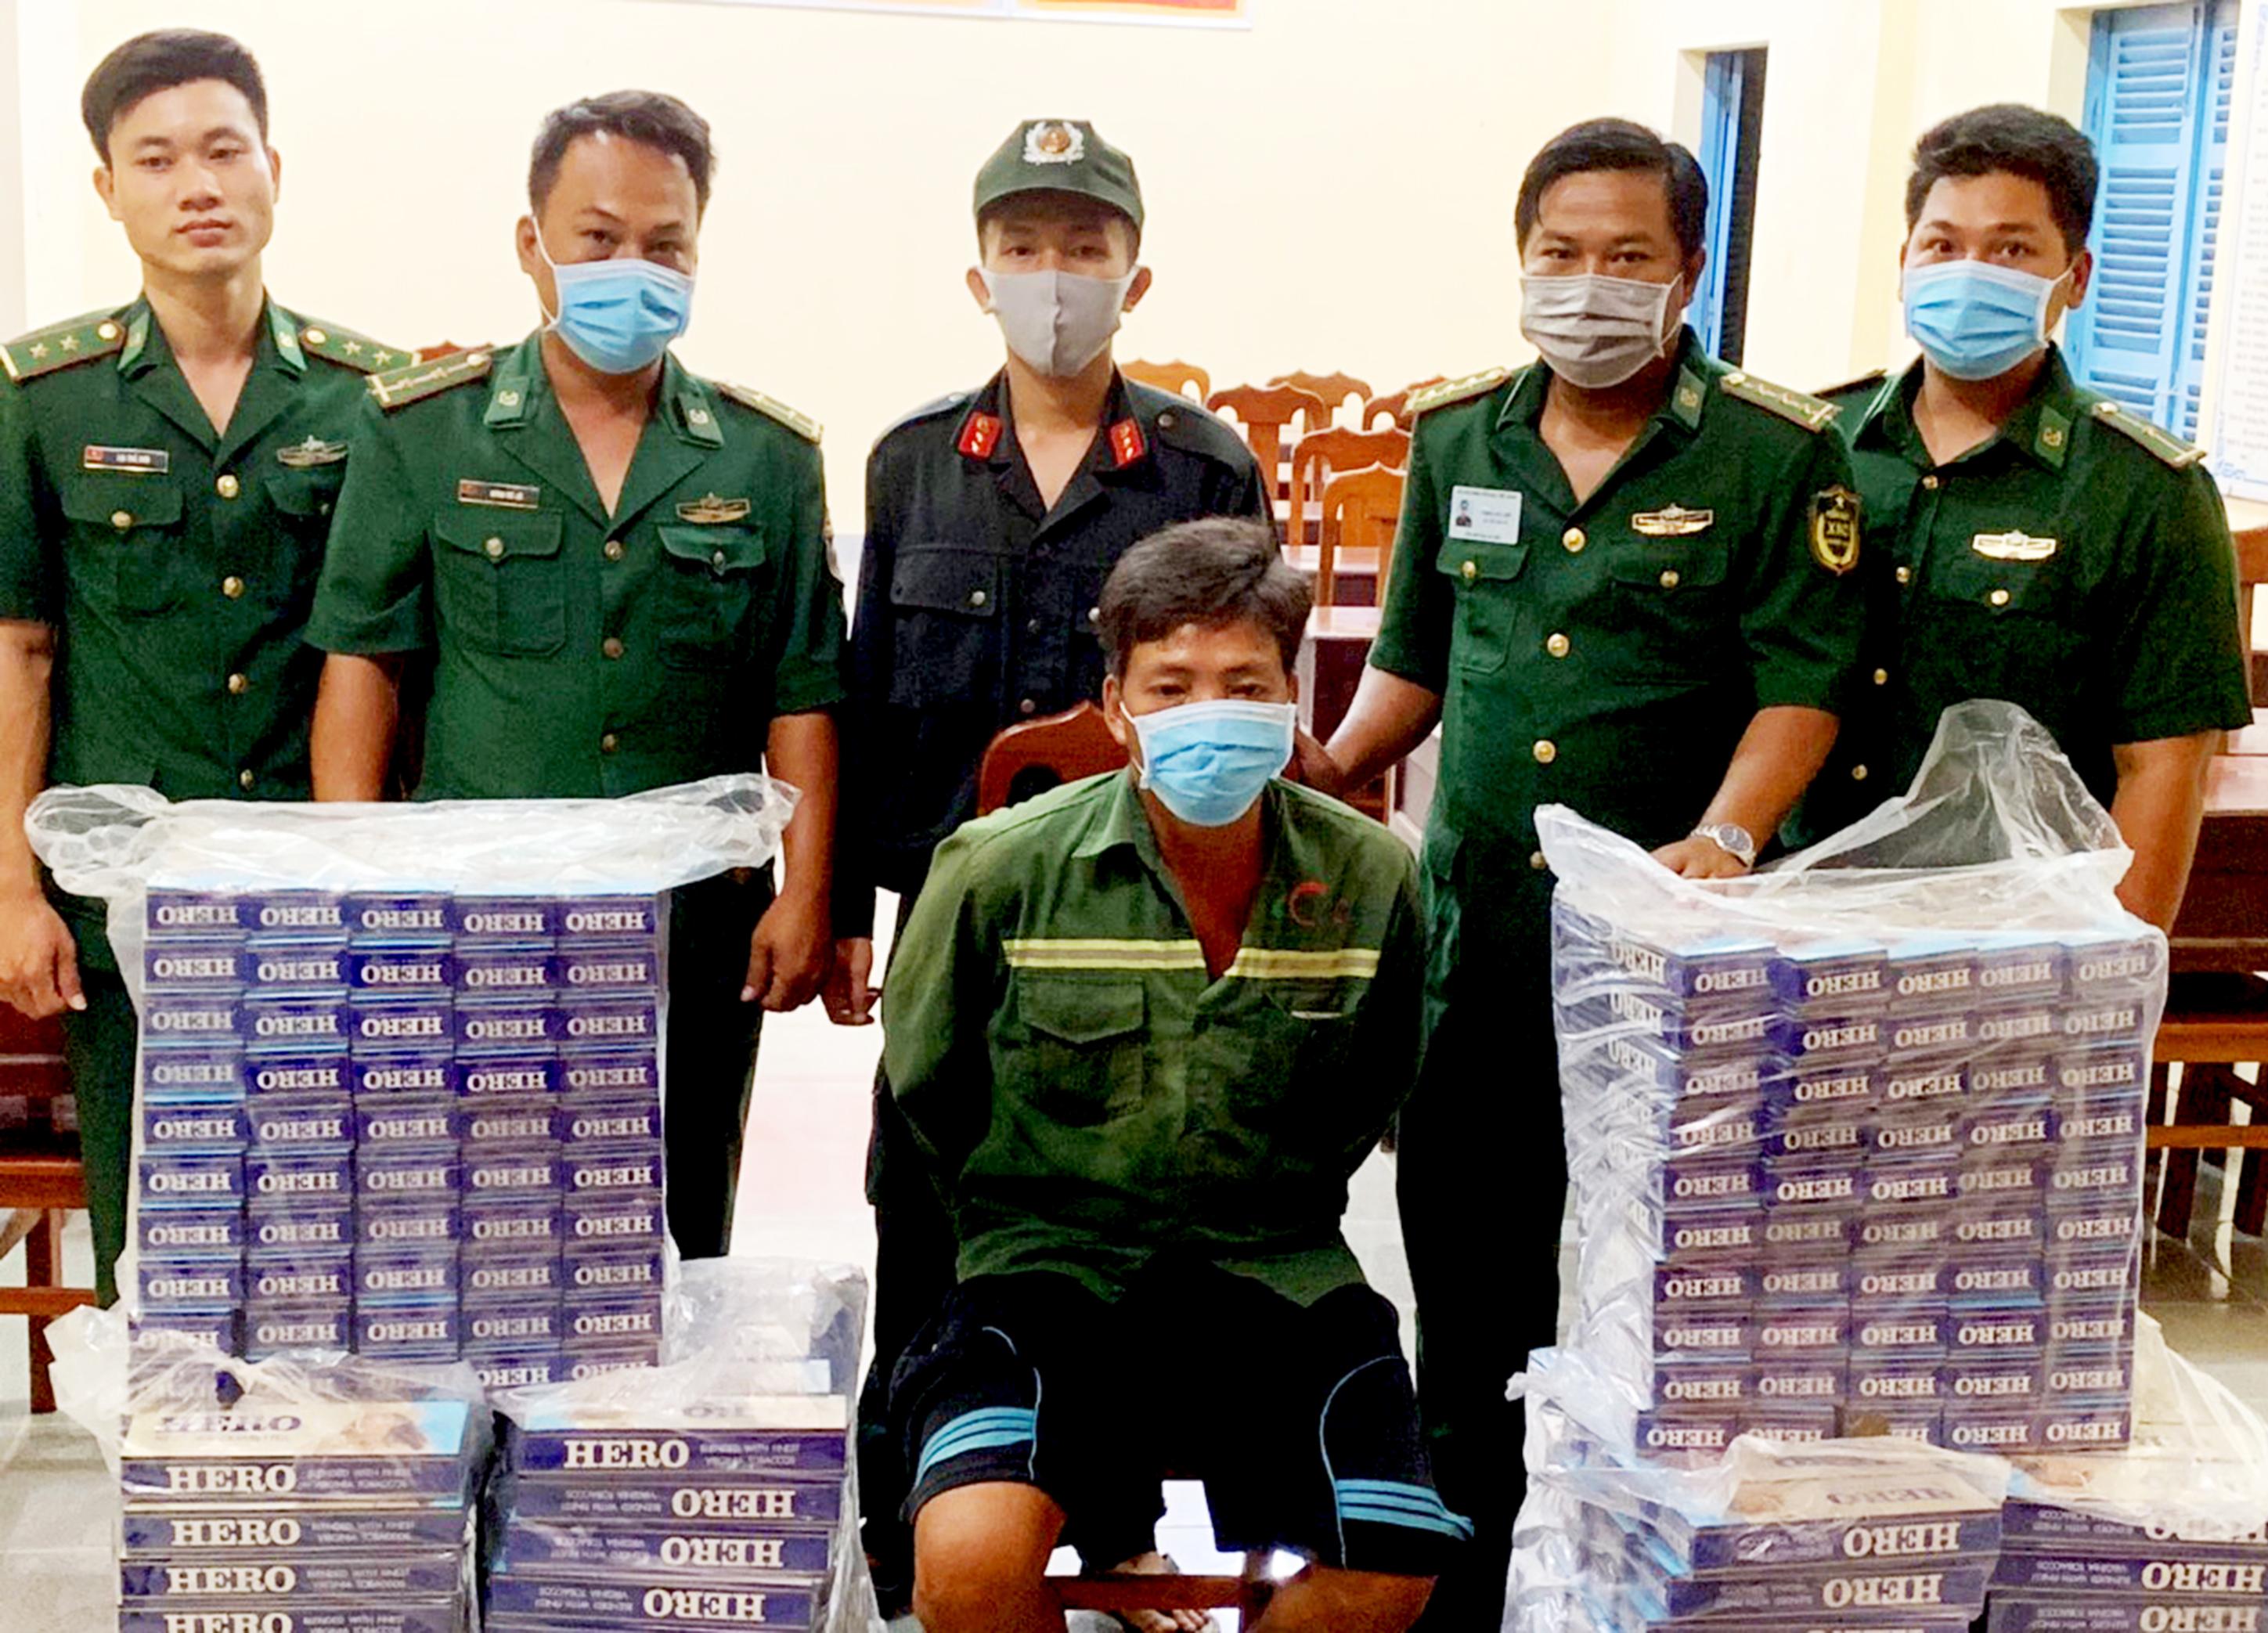 Bộ đội Biên phòng Cửa khẩu Quốc tế Hà Tiên tạm giữ đối tượng và tang vật là 3.000 gói thuốc ngoại nhãn hiệu Hero để xử lý theo quy định.